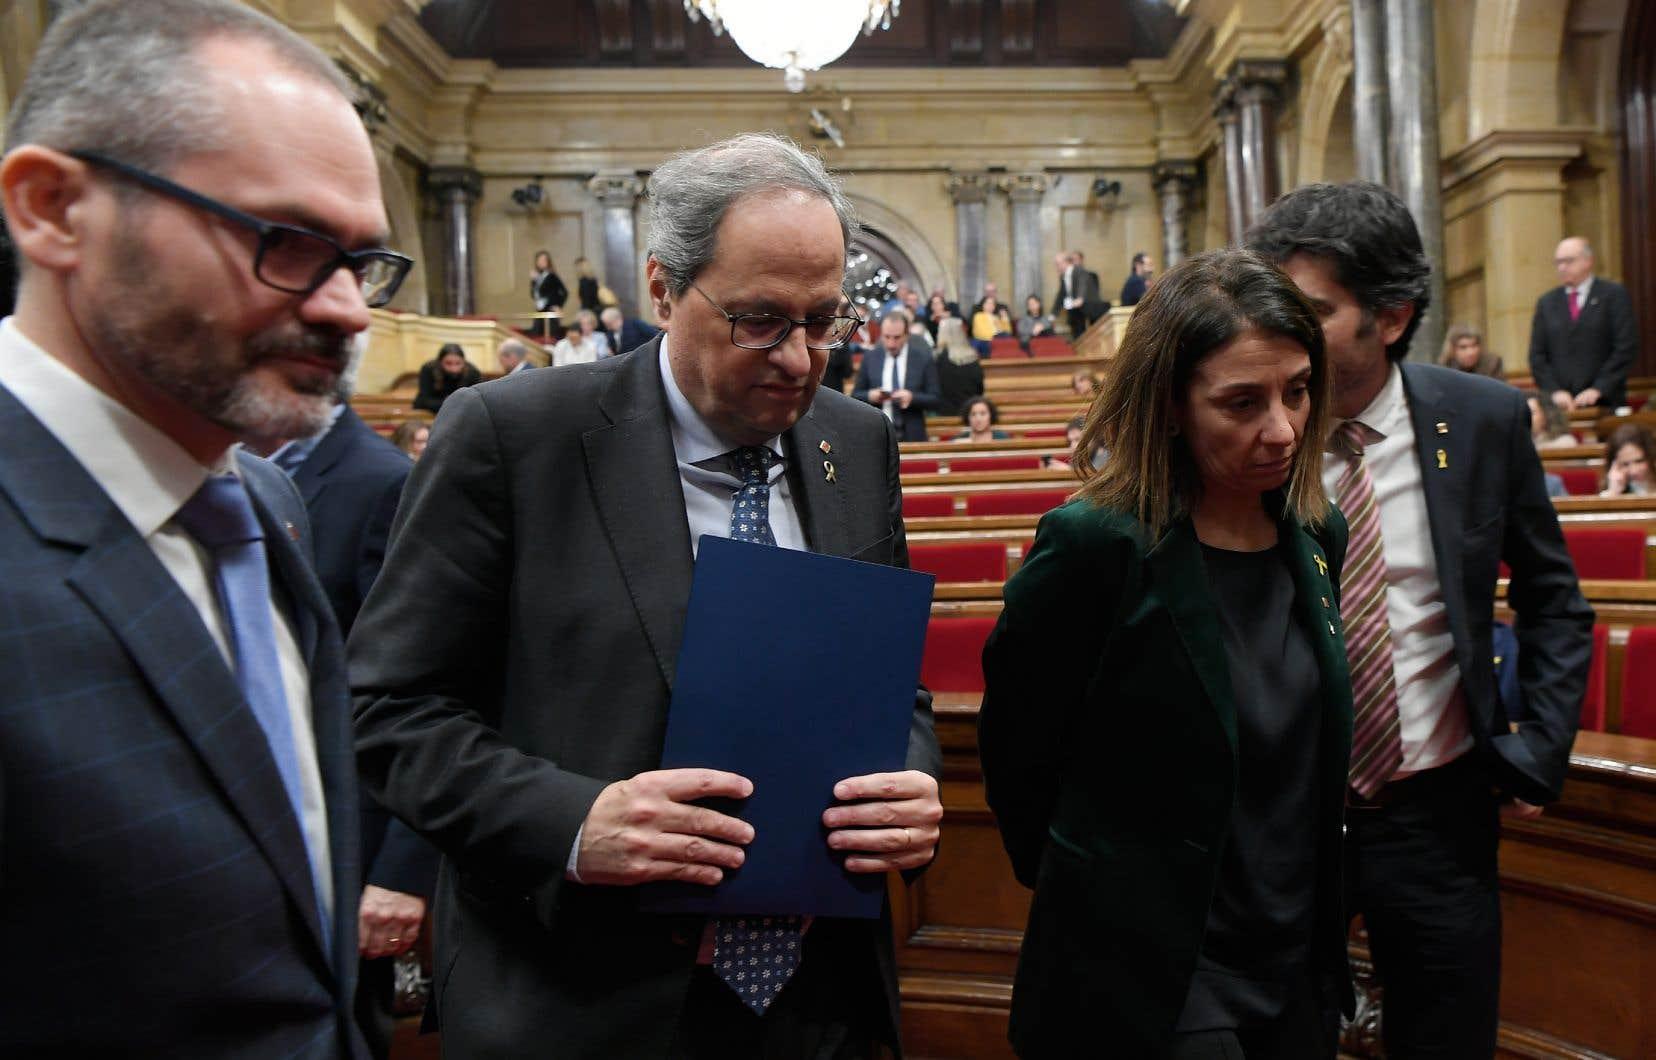 Le président de la Catalogne, Quim Torra (au centre), quittant la session parlementaire après le vote lui retirant son mandat de député